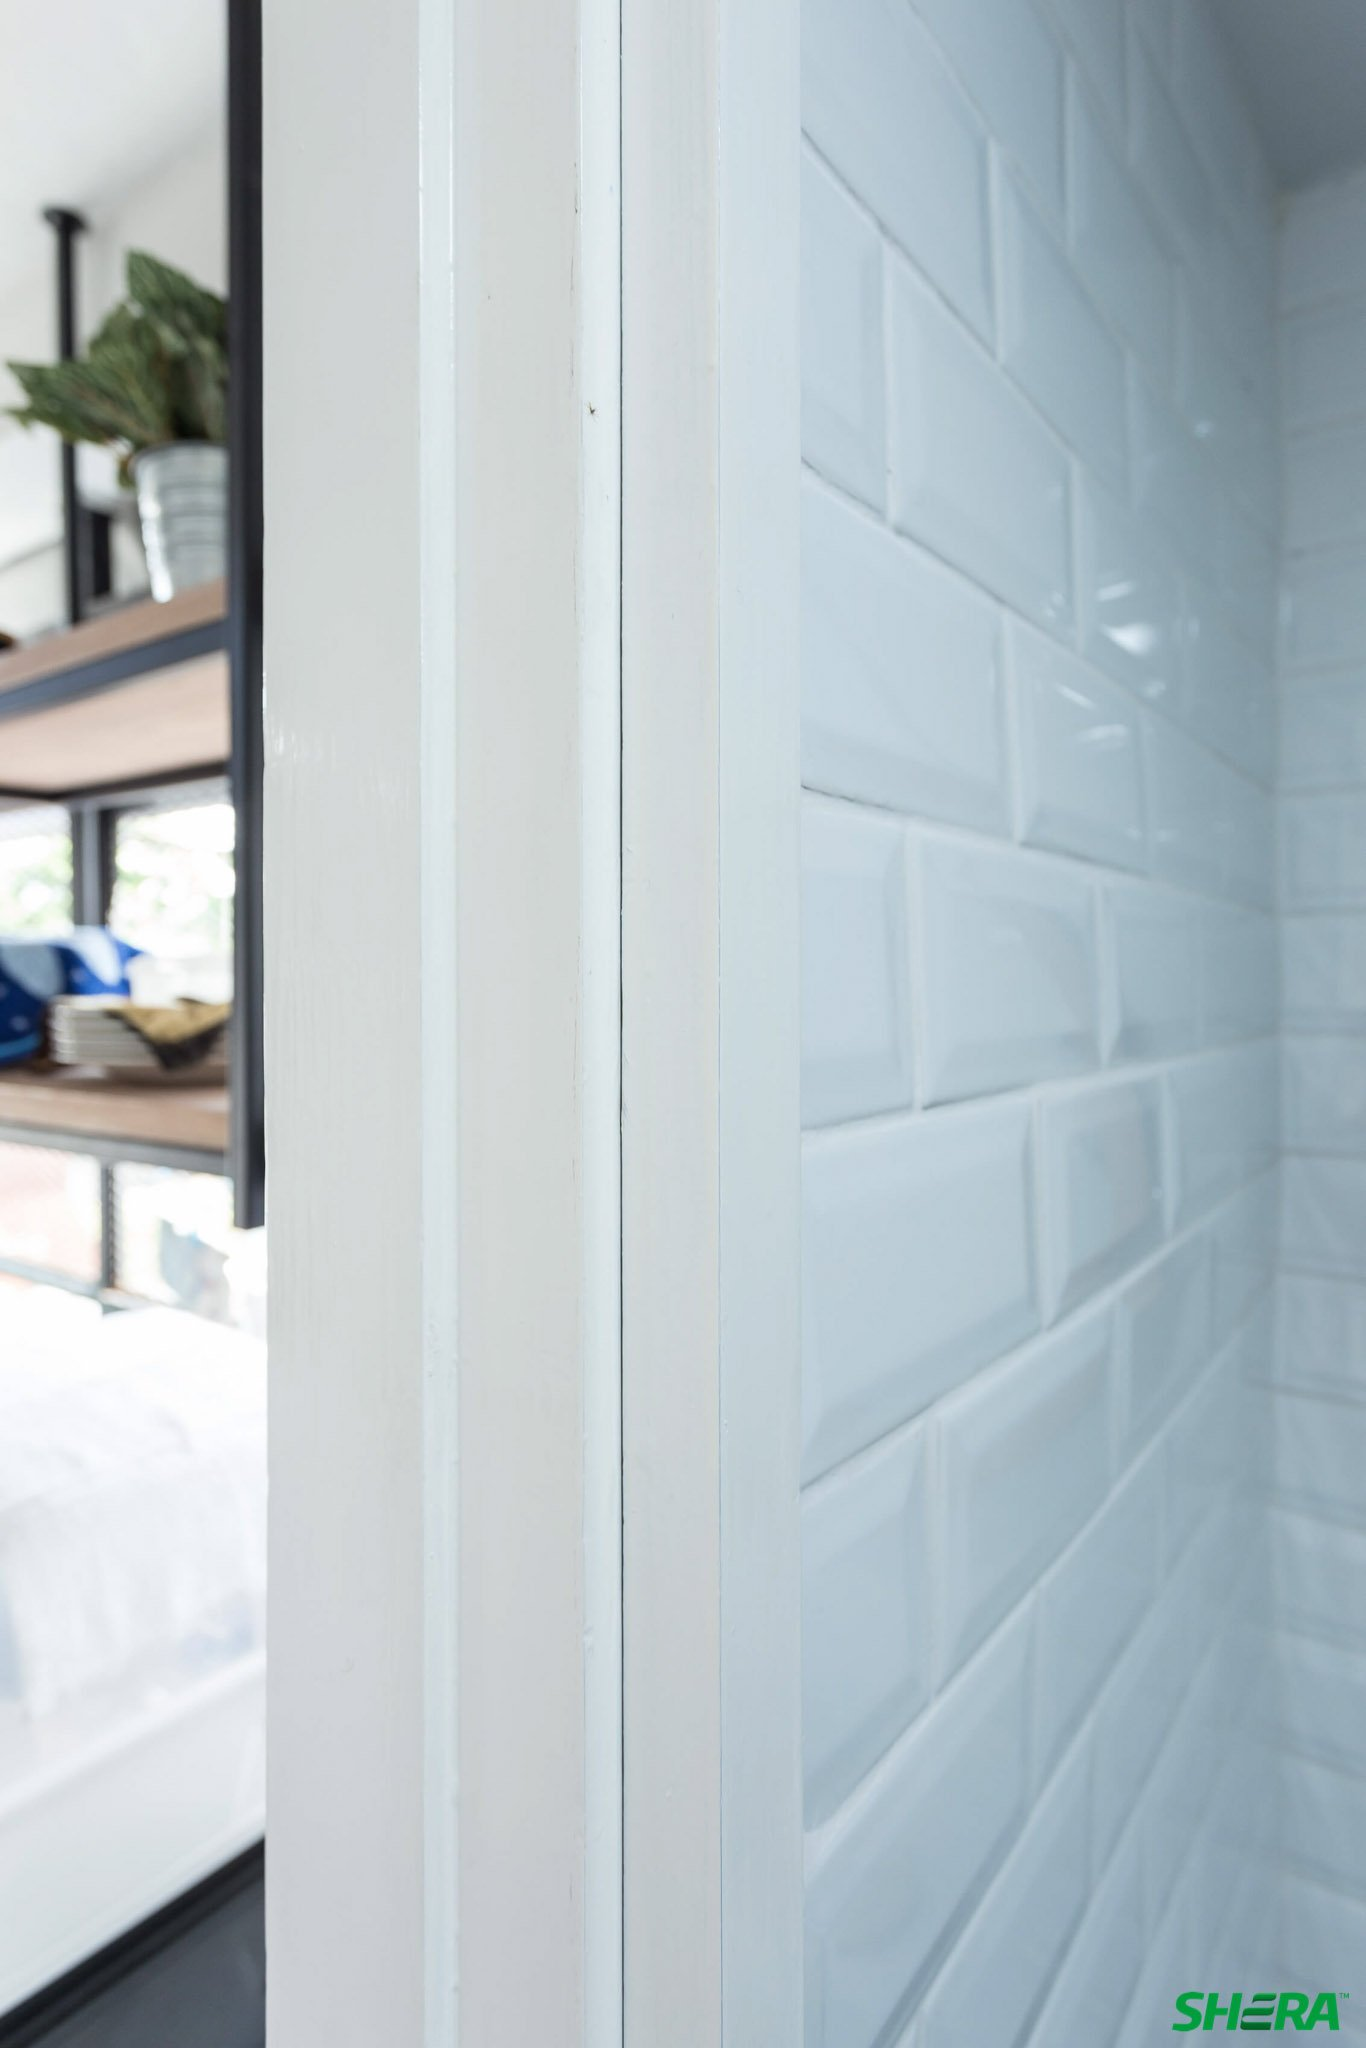 รีโนเวทบ้าน แปลงคอนโดเก่าเป็นสไตล์ Loft และประตูสวยทนด้วยไฟเบอร์ซีเมนต์จาก Shera 33 - fiber cement wood